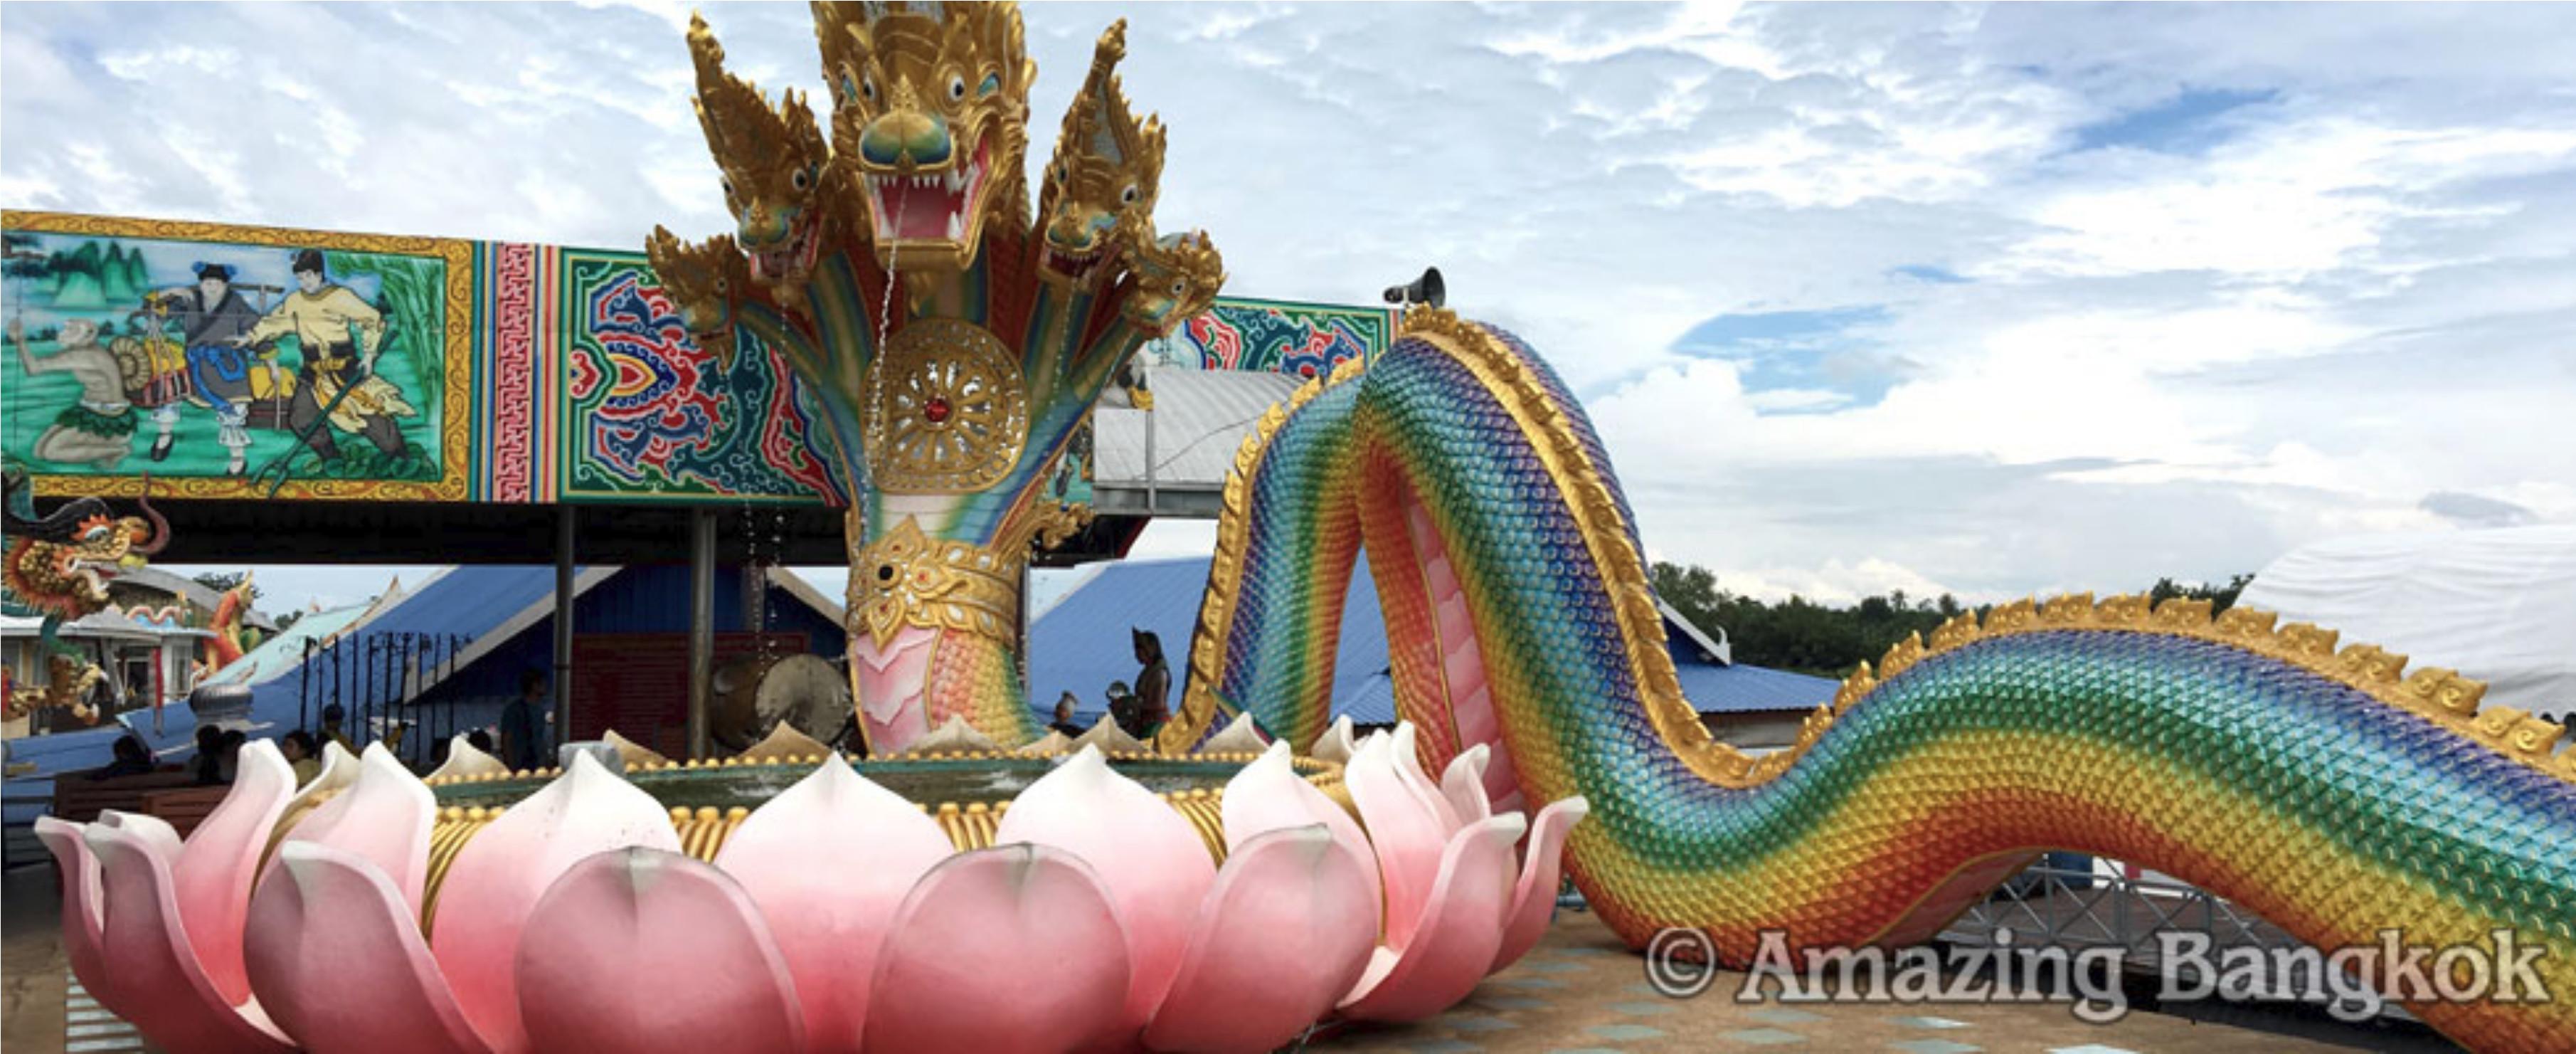 Rainbow naga at Wat